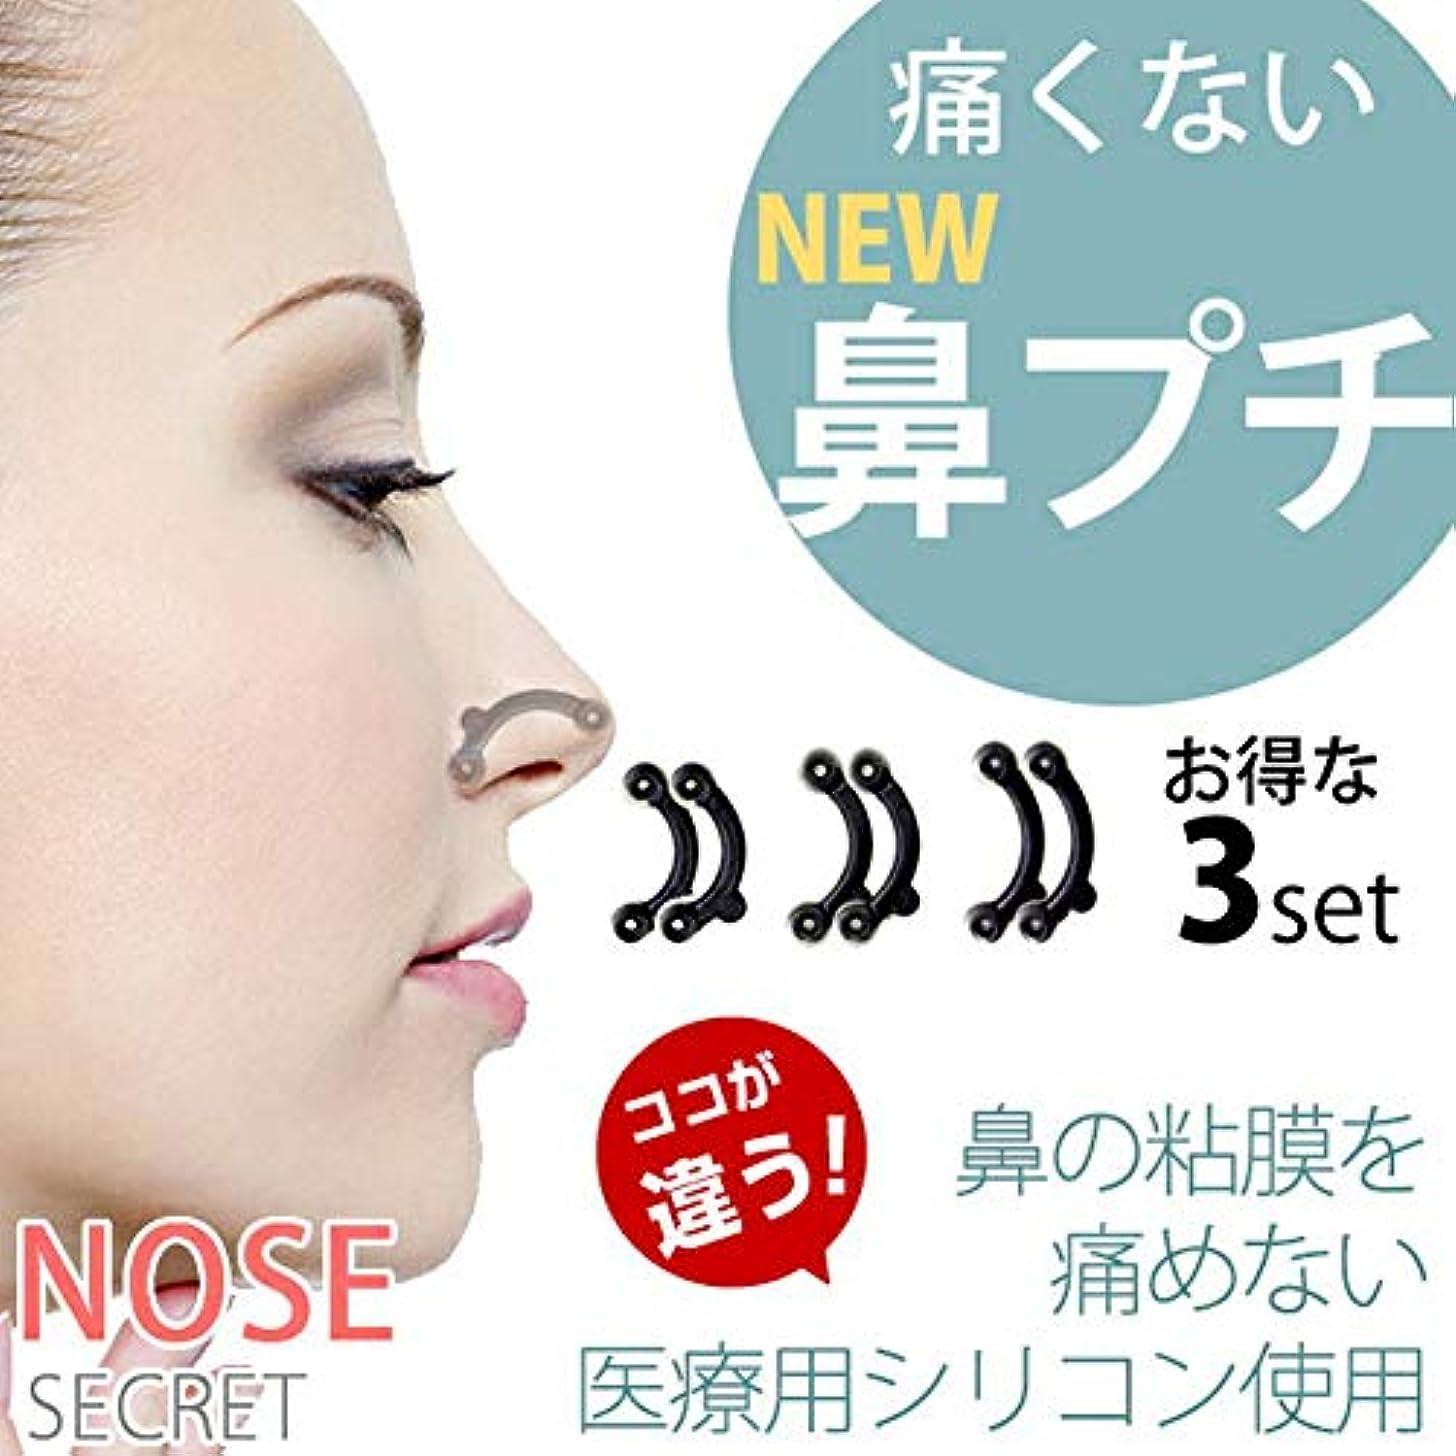 熱帯の宿題をするアグネスグレイ鼻プチ 柔軟性高く Viconaビューティー正規品 ハナのアイプチ 矯正プチ 整形せず 23mm/24.5mm/26mm全3サイズセット